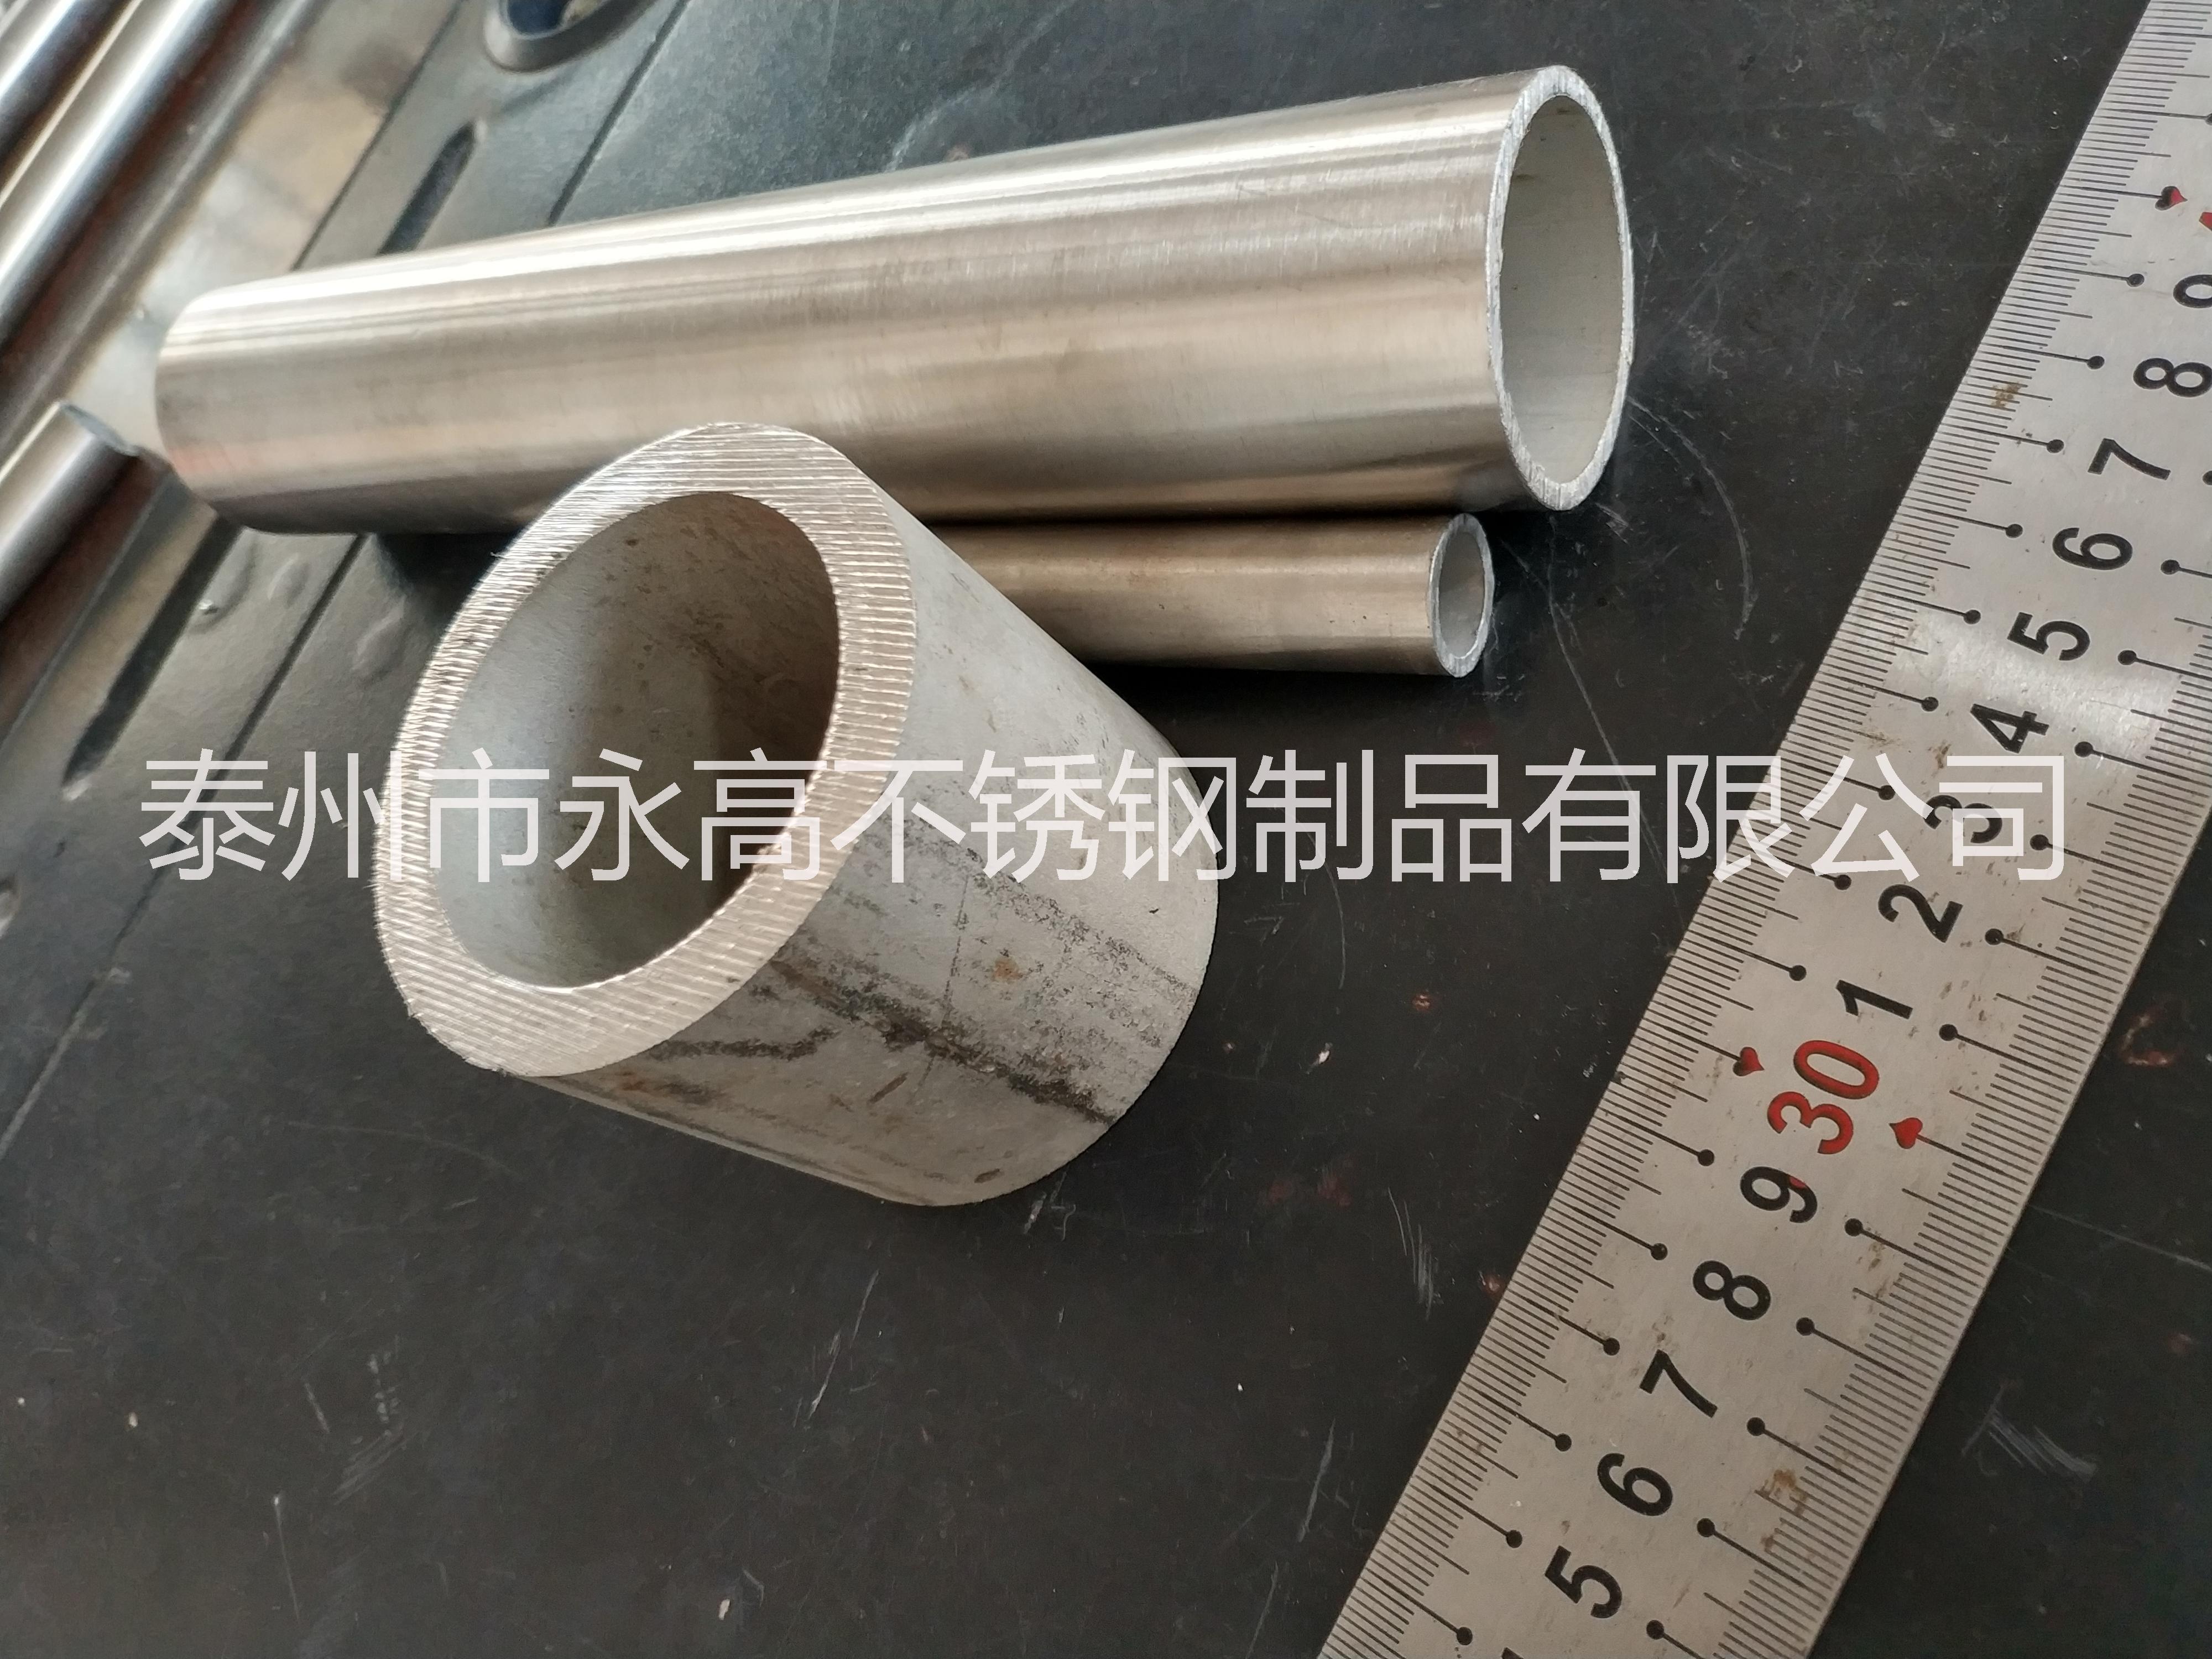 厂家不锈钢管 201不锈钢无缝管 厚壁不锈钢工业管 不锈钢圆管 钢管切零